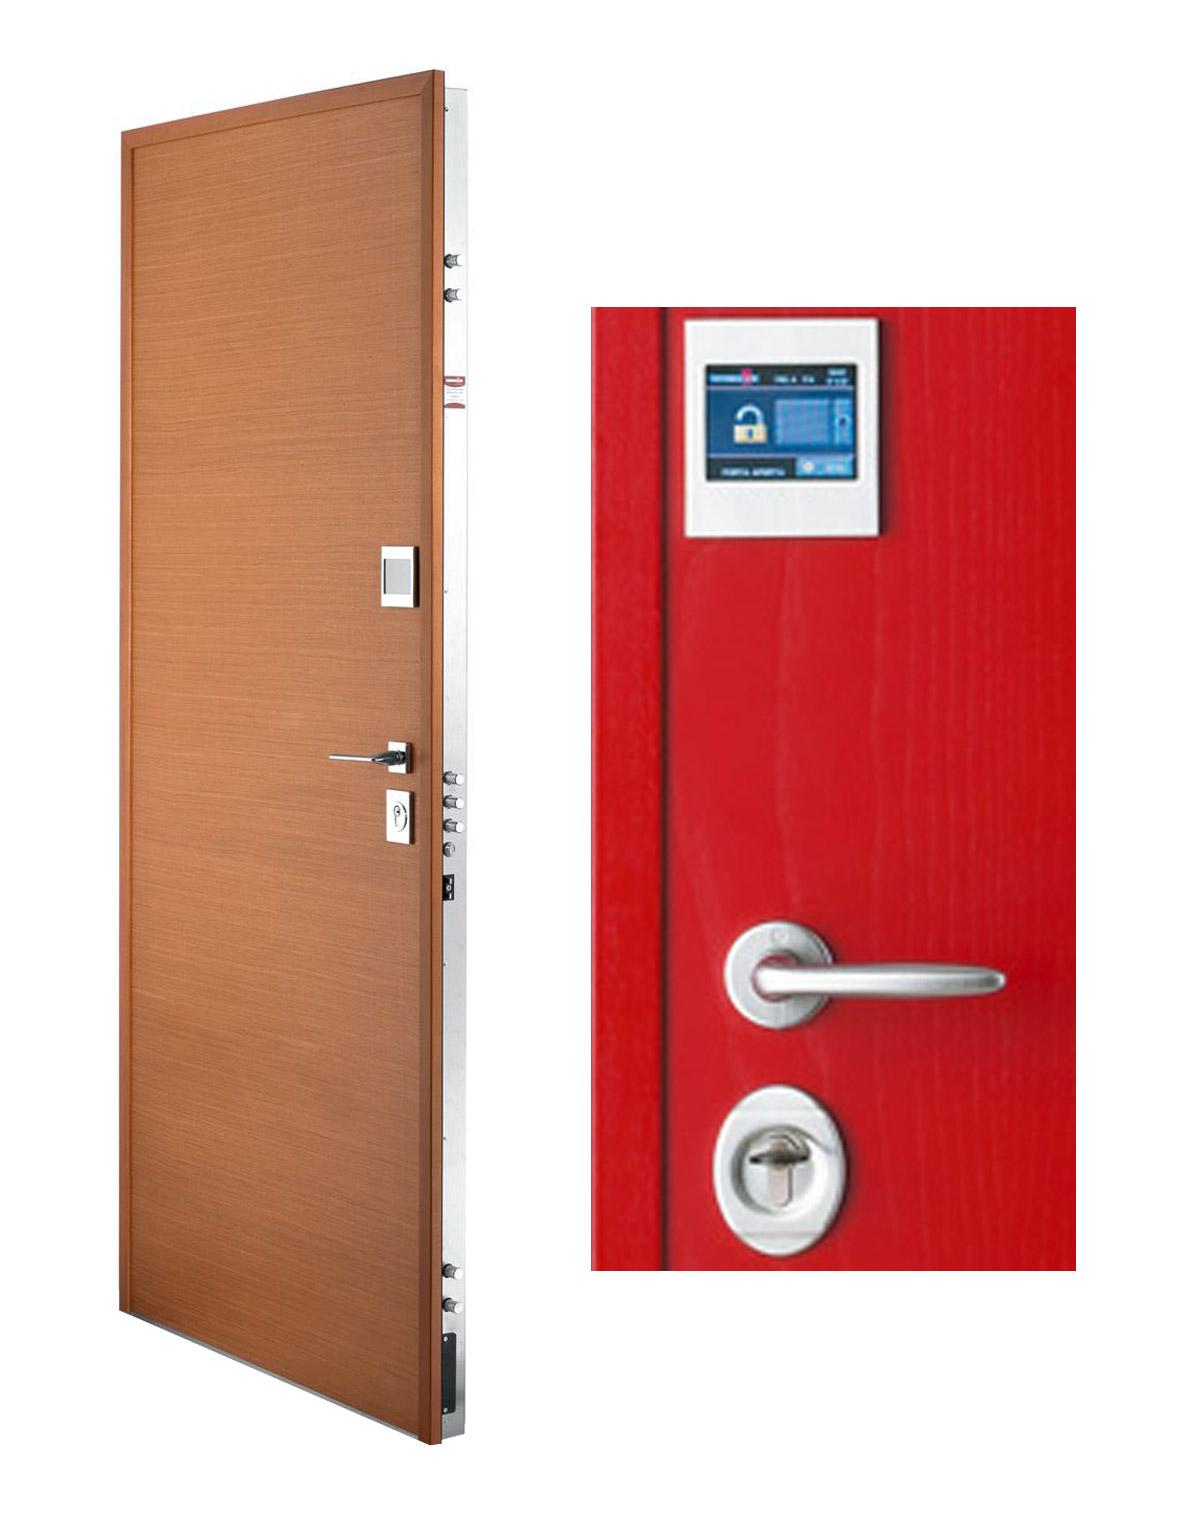 Parti sereno con serramenti torino a prova di ladro - Porta blindata classe 4 ...